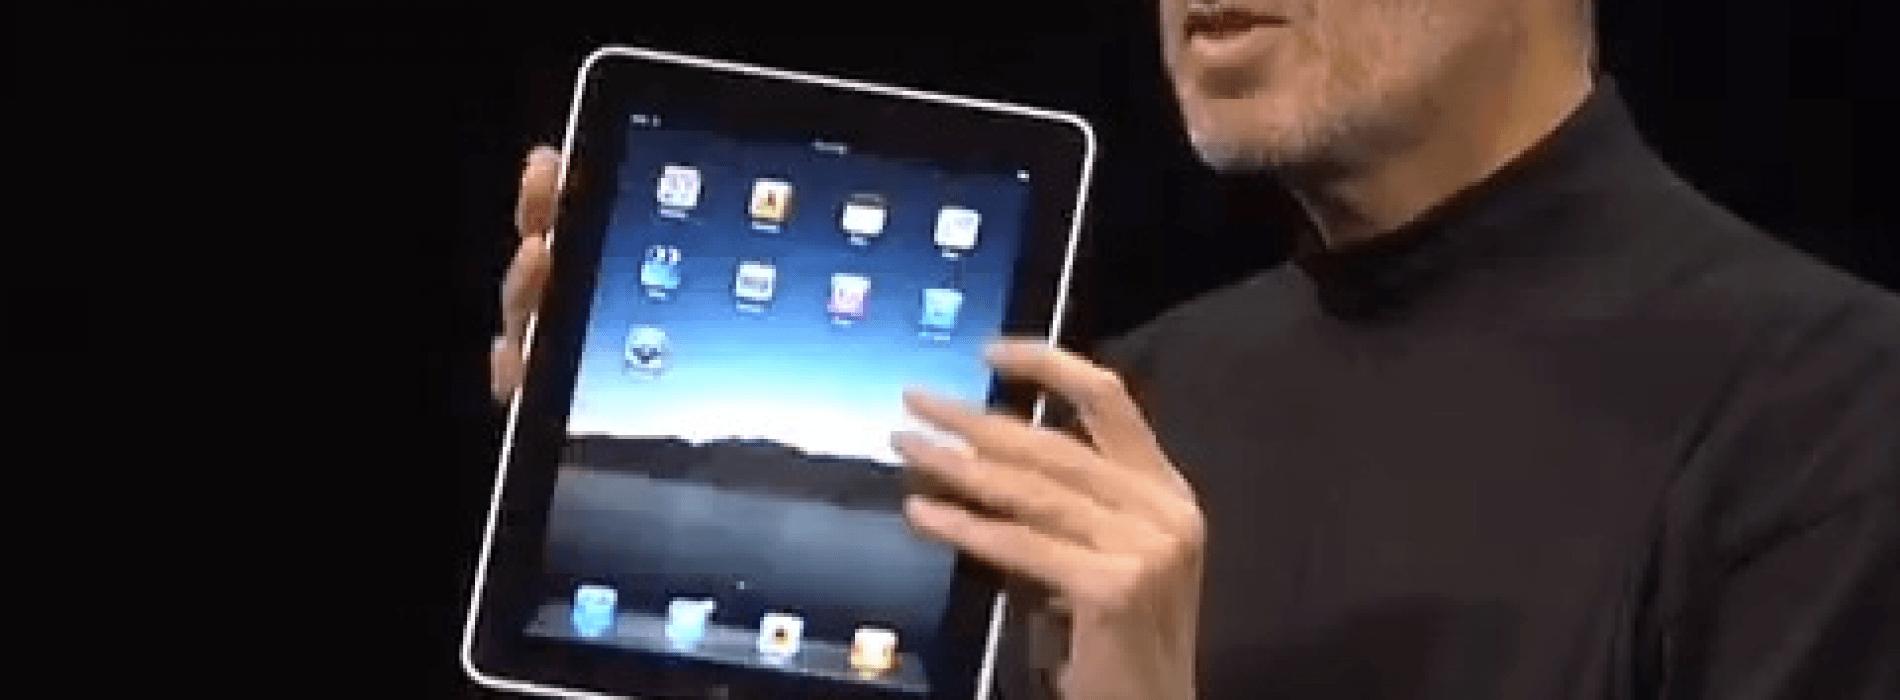 Por fin llego el iPad